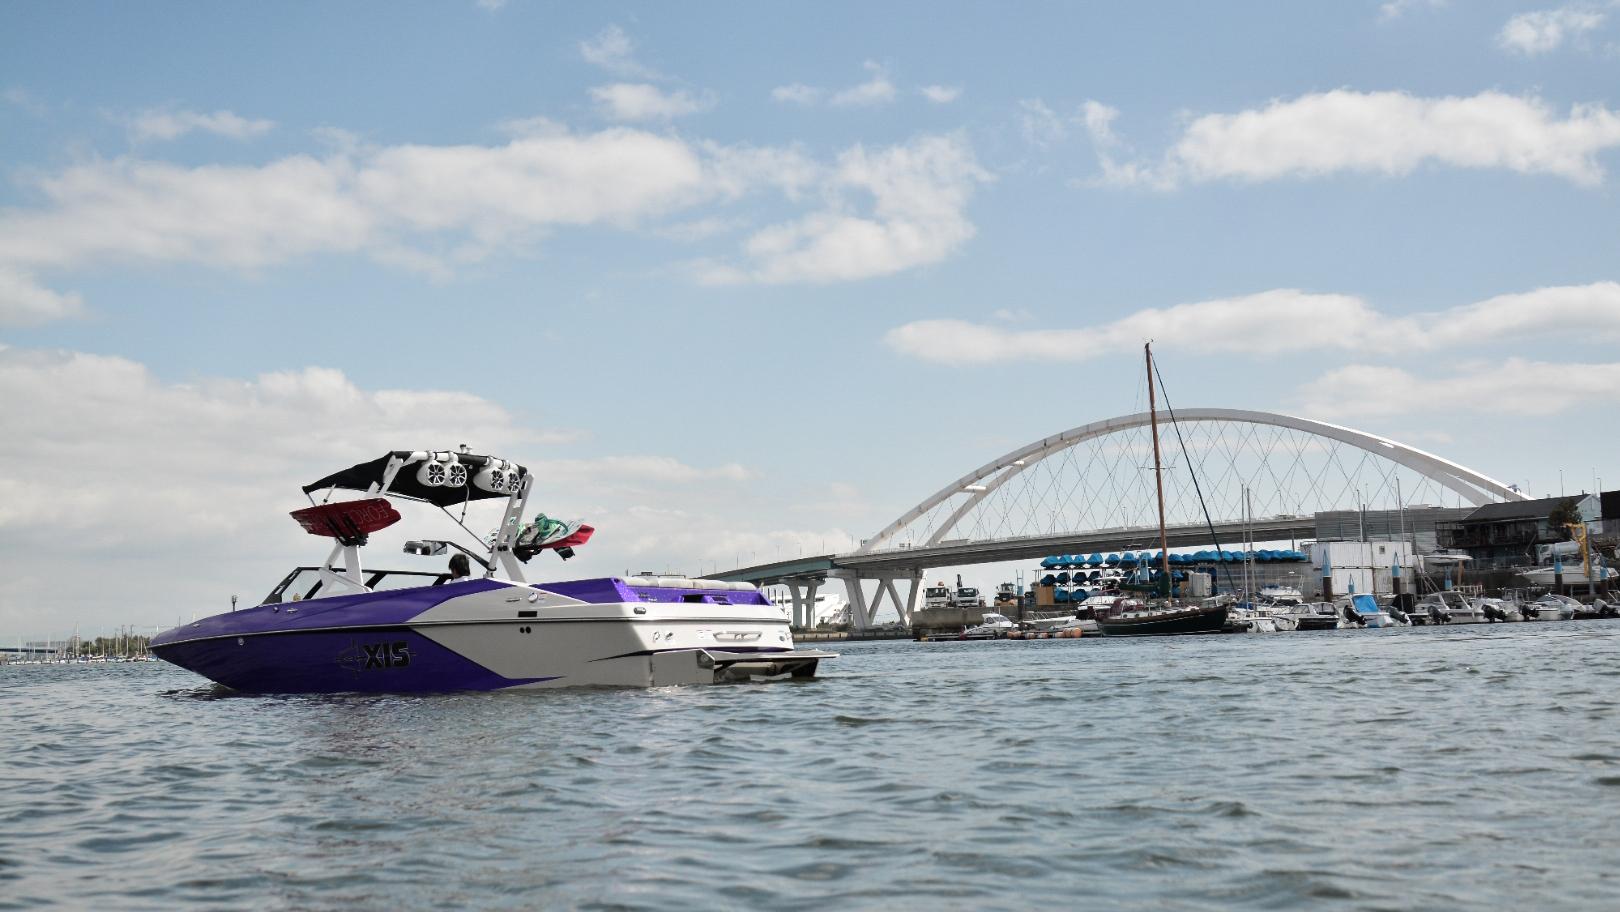 琵琶湖大会曳航艇決定!!曳航艇プロモーショントーイングのご案内